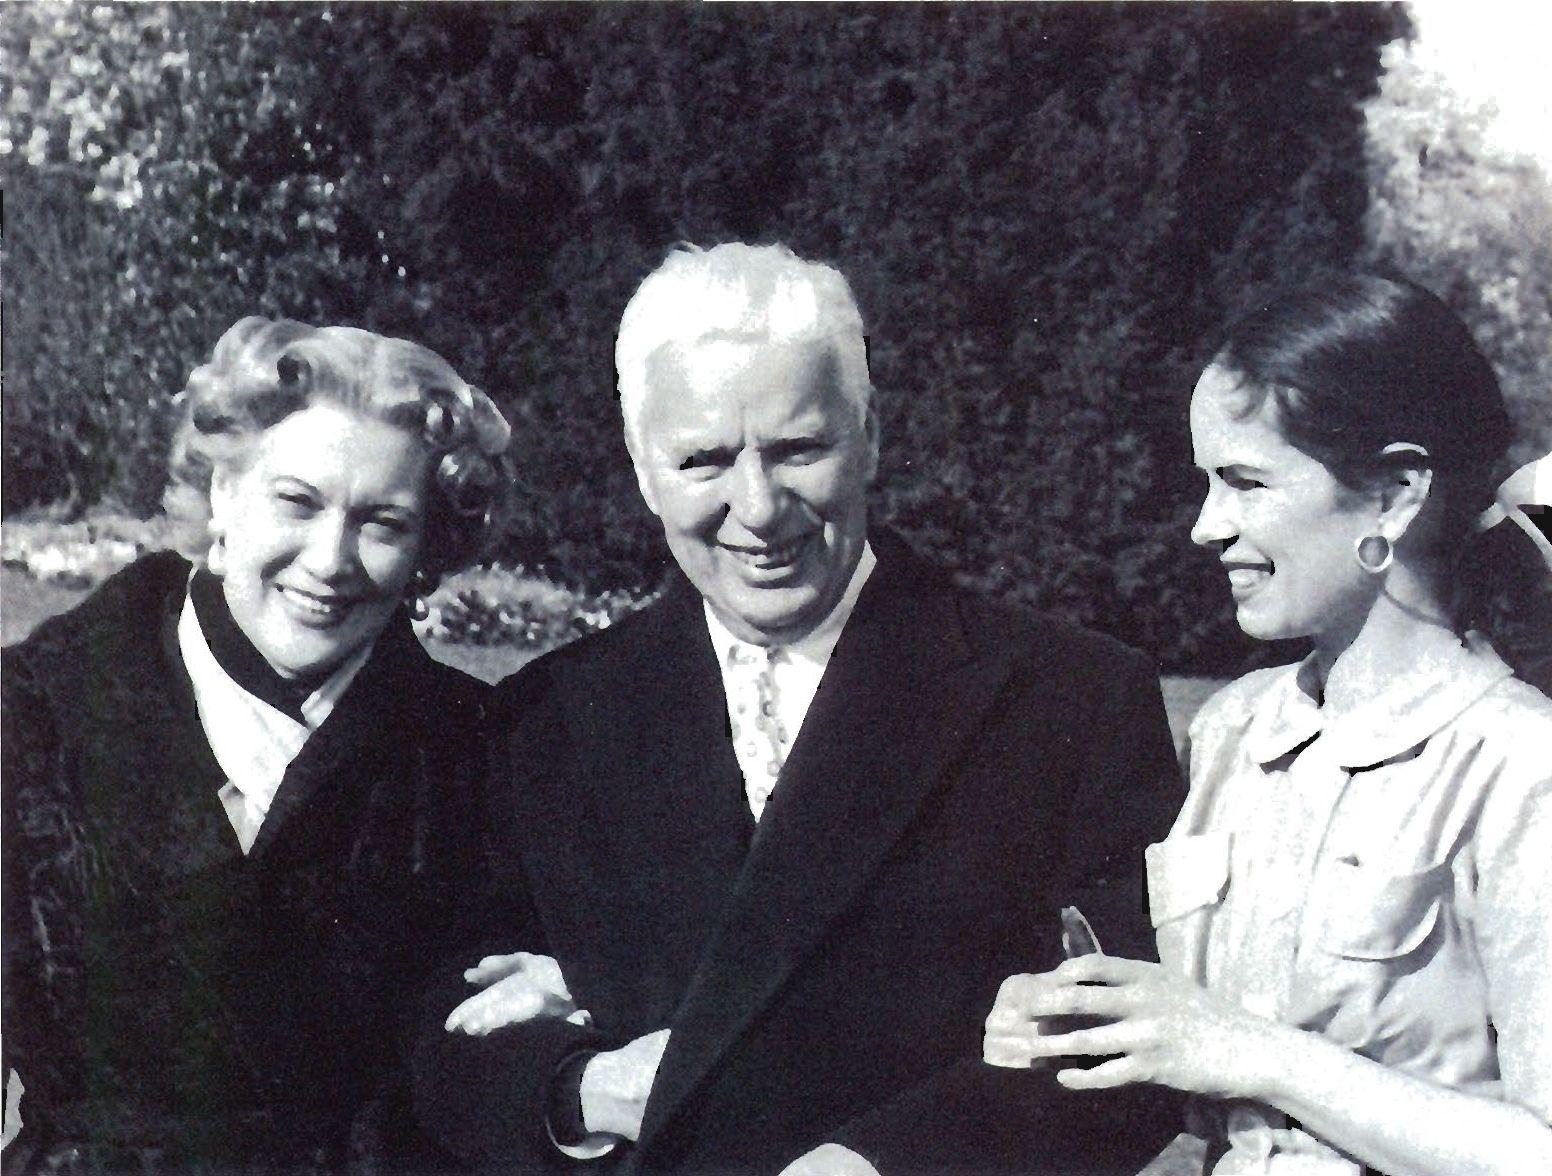 Орлова, Чаплин и его жена Уна в Веве. Швейцария. 1954 г.